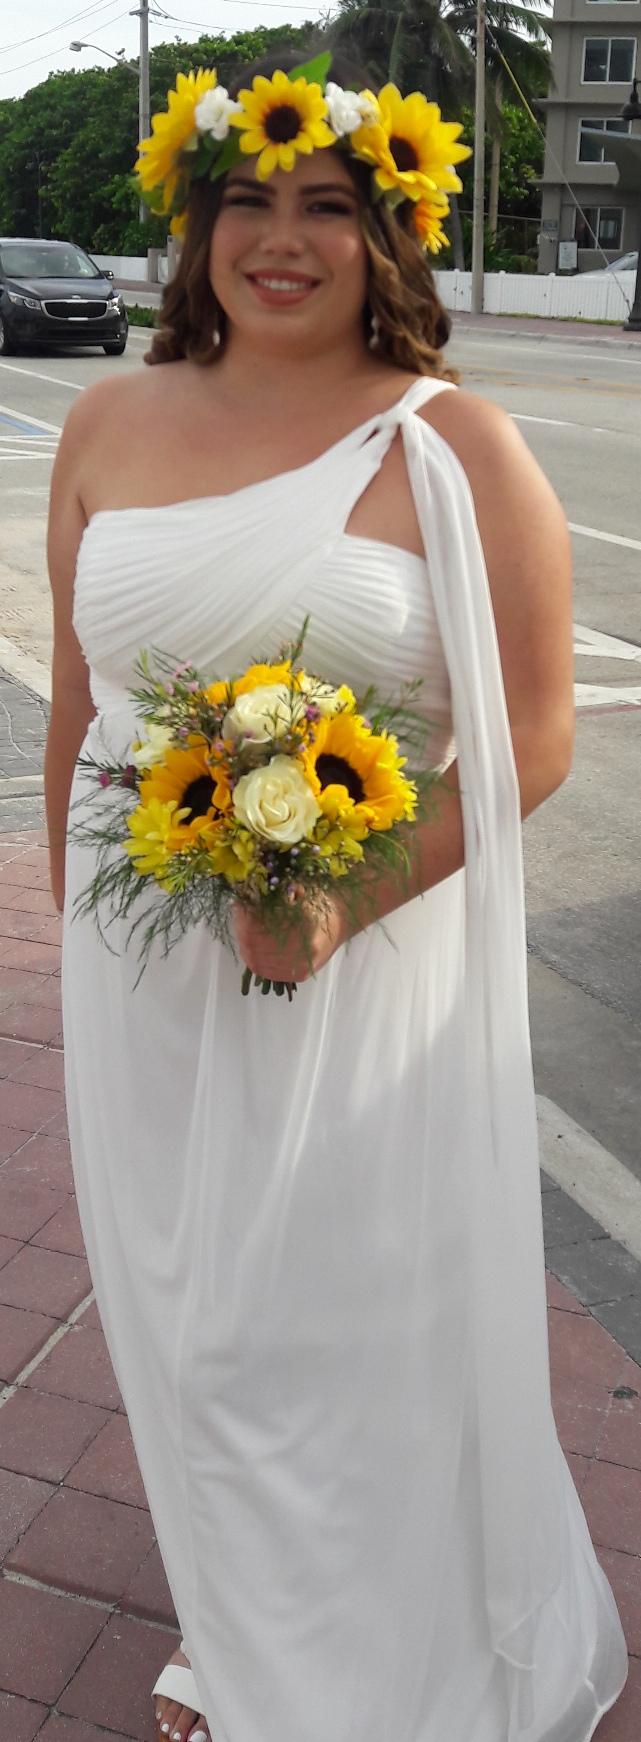 https://0201.nccdn.net/1_2/000/000/127/b24/sunflower-bride.jpg